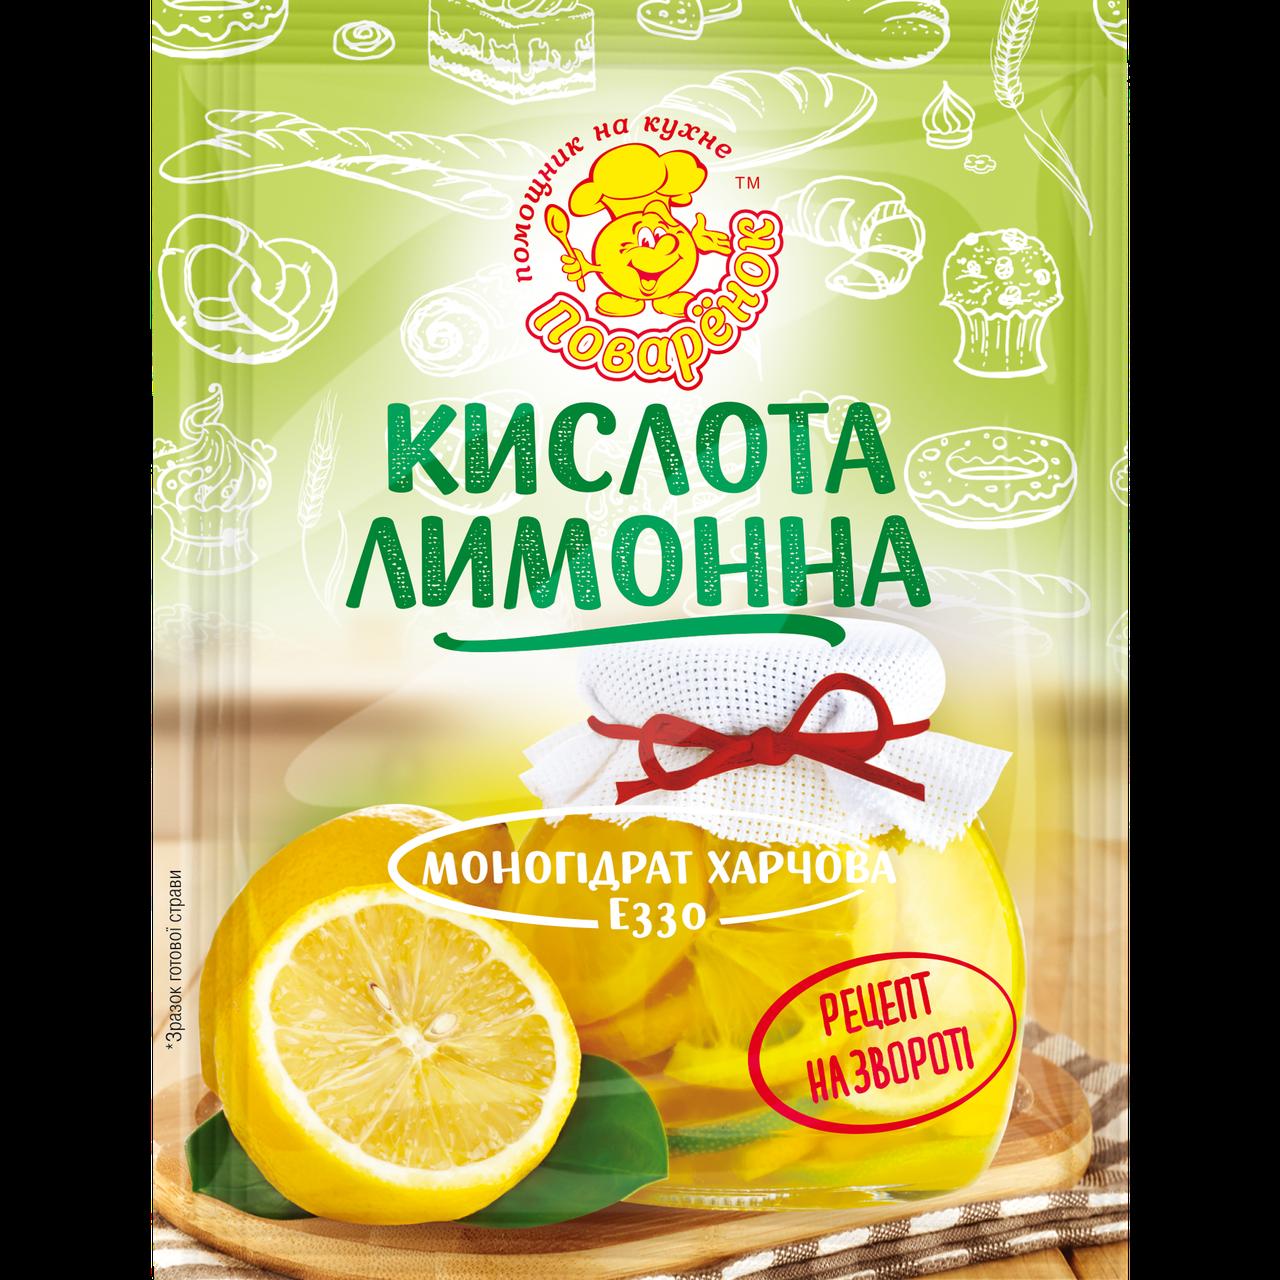 Кислота лимонная 20 г.